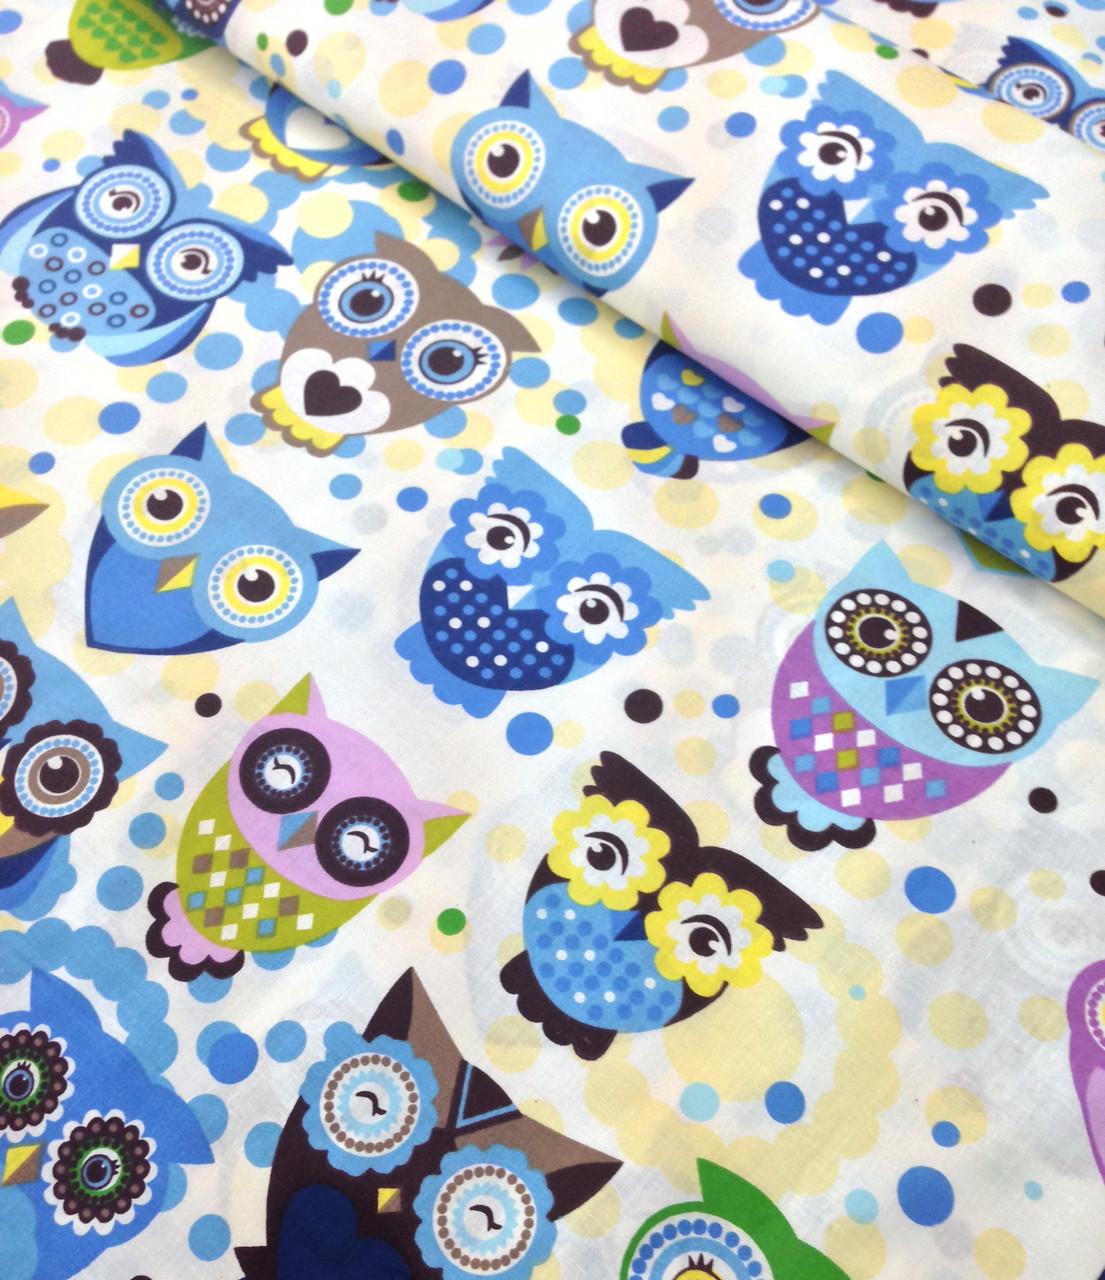 Хлопковая ткань польская с индийскими совами в голубых тонах